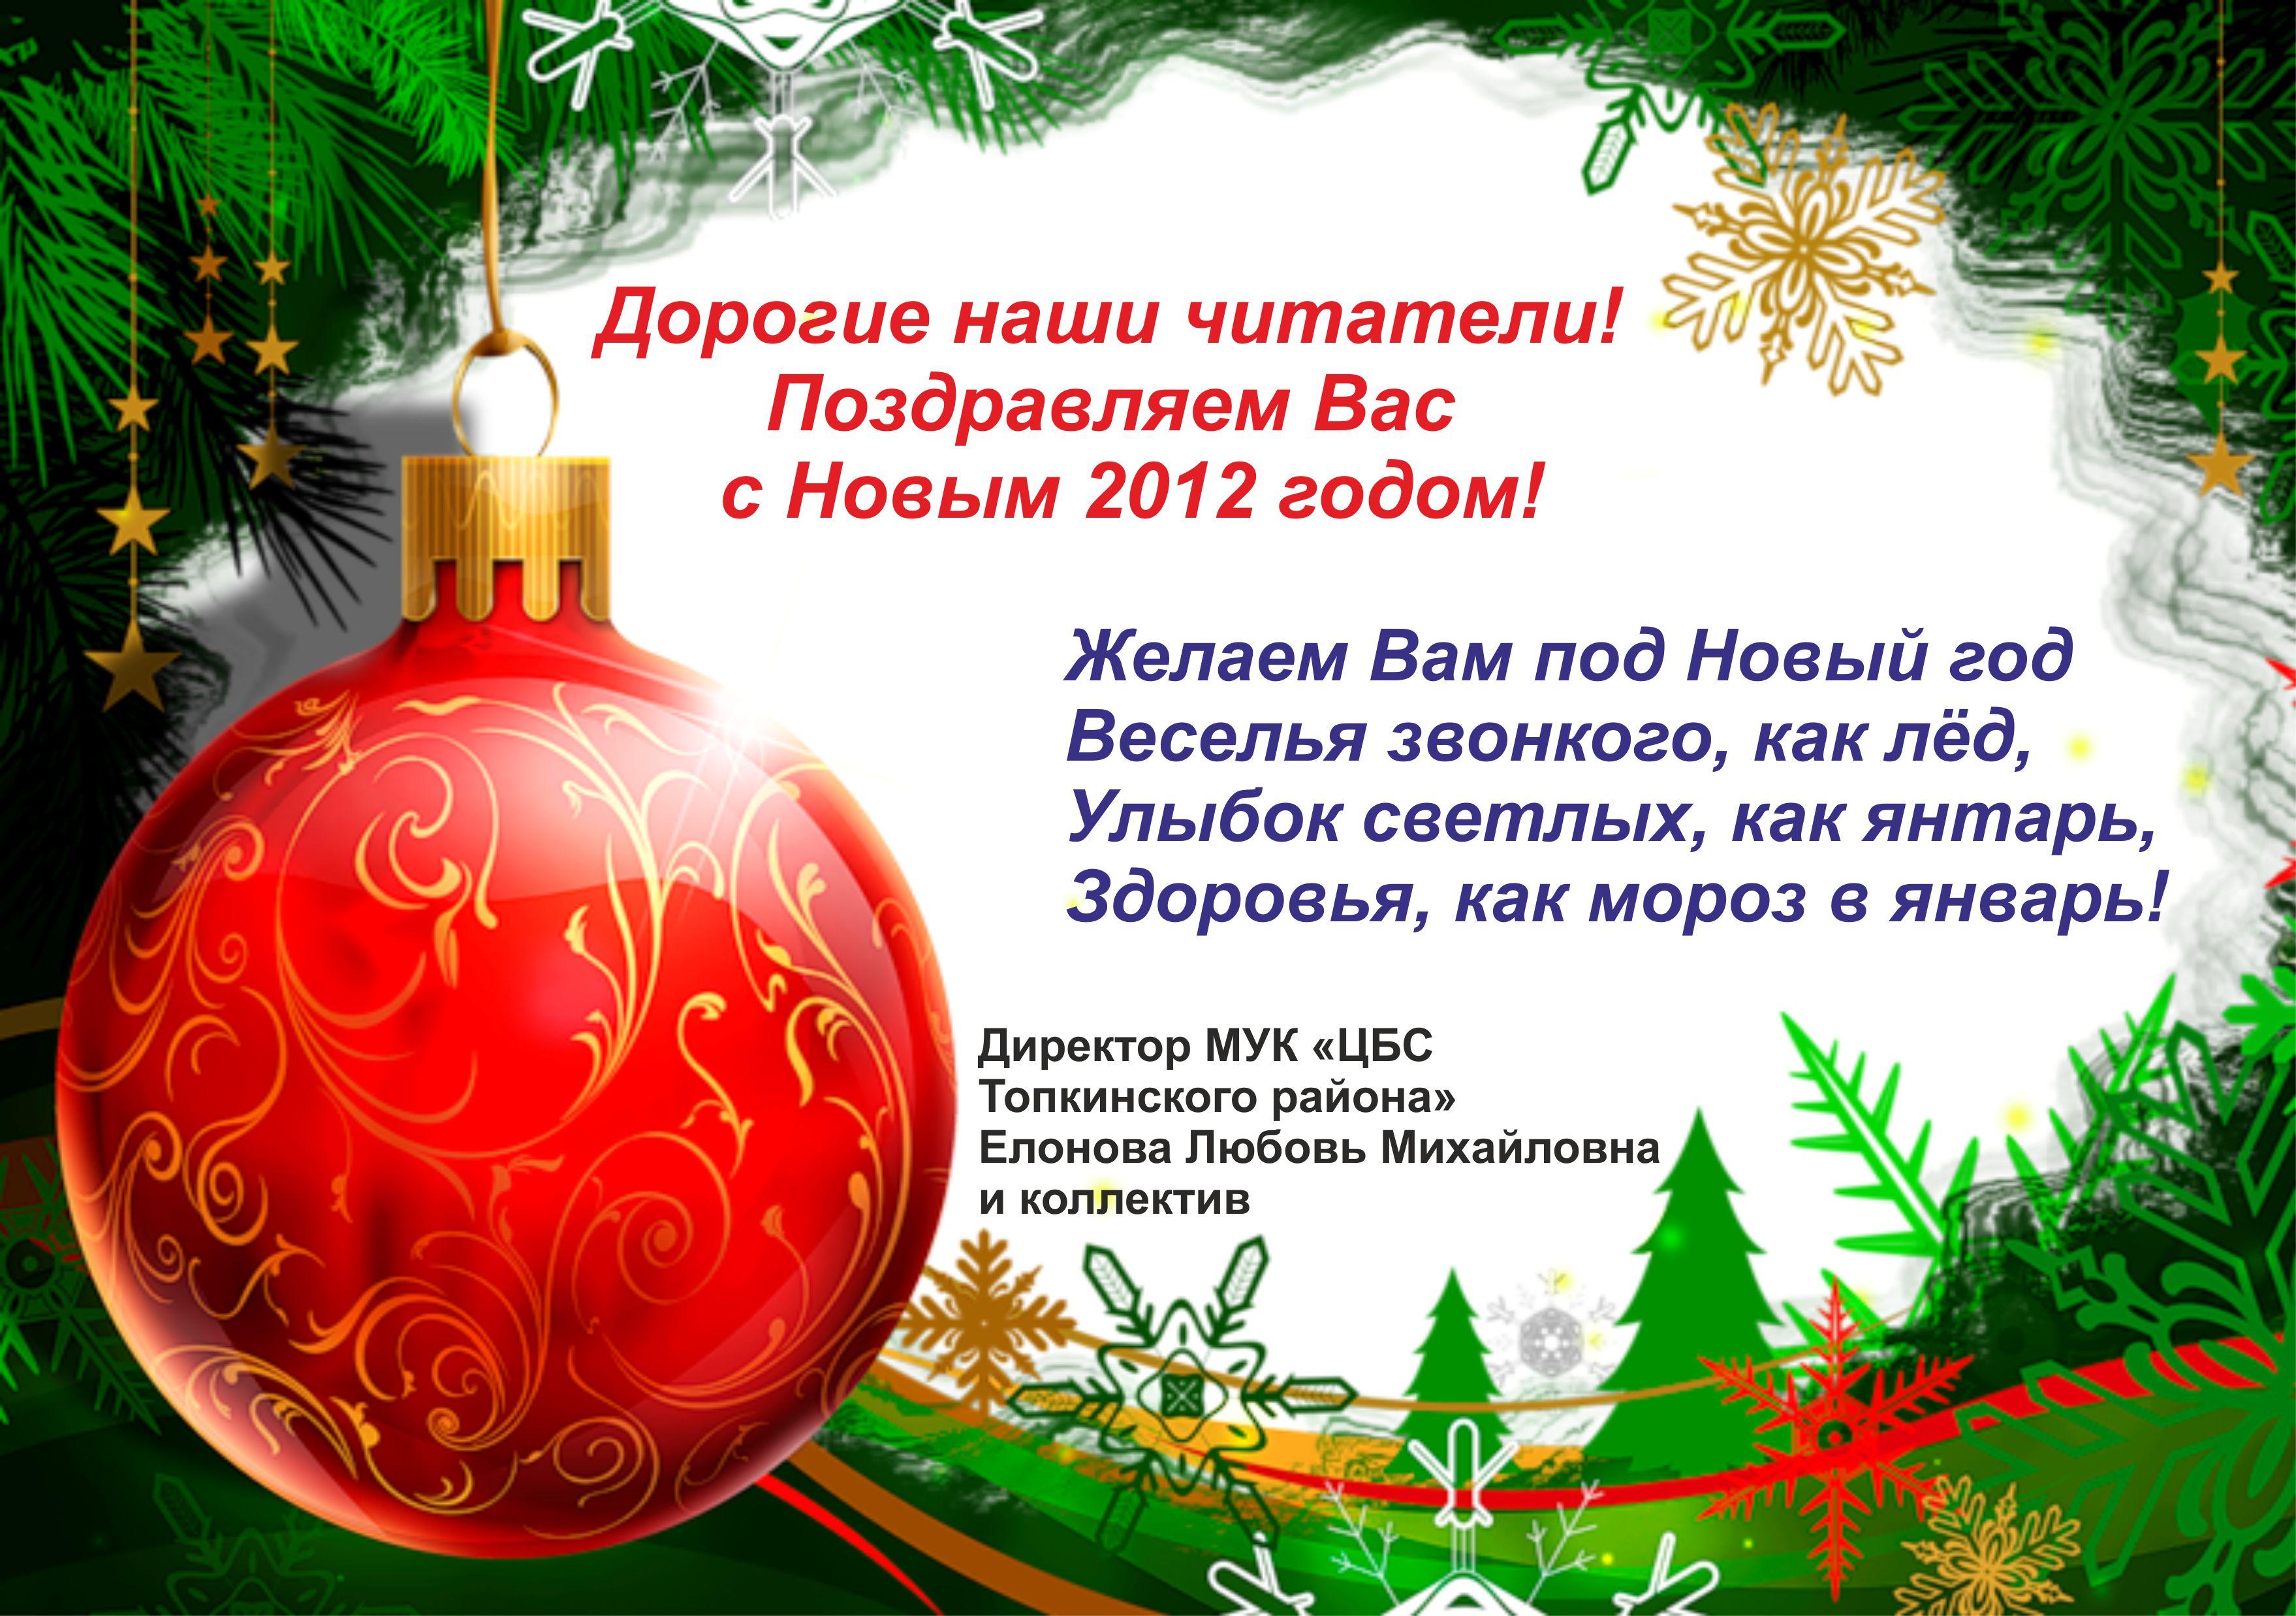 Поздравление читателю с новым годом